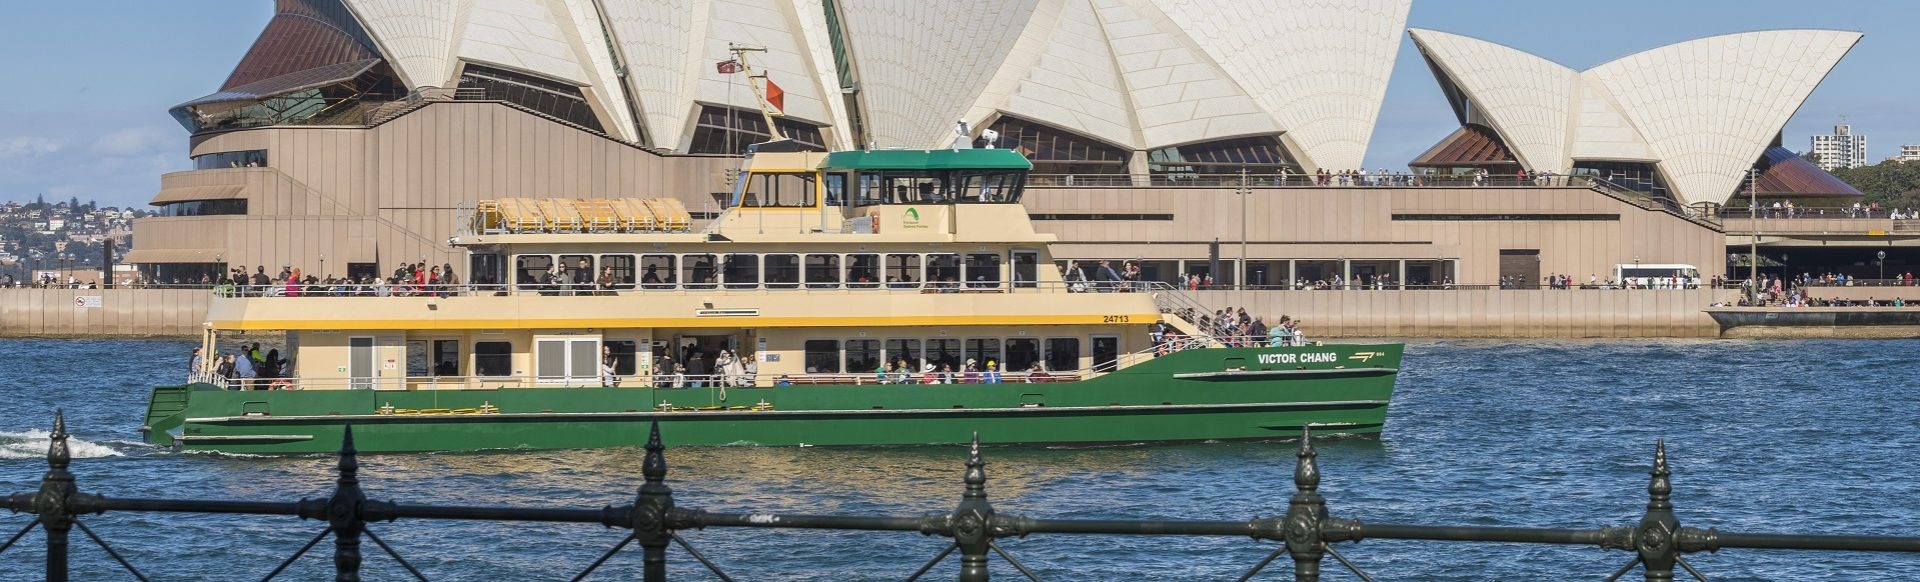 Transdev Sydney Ferries ferry boat bateau opera